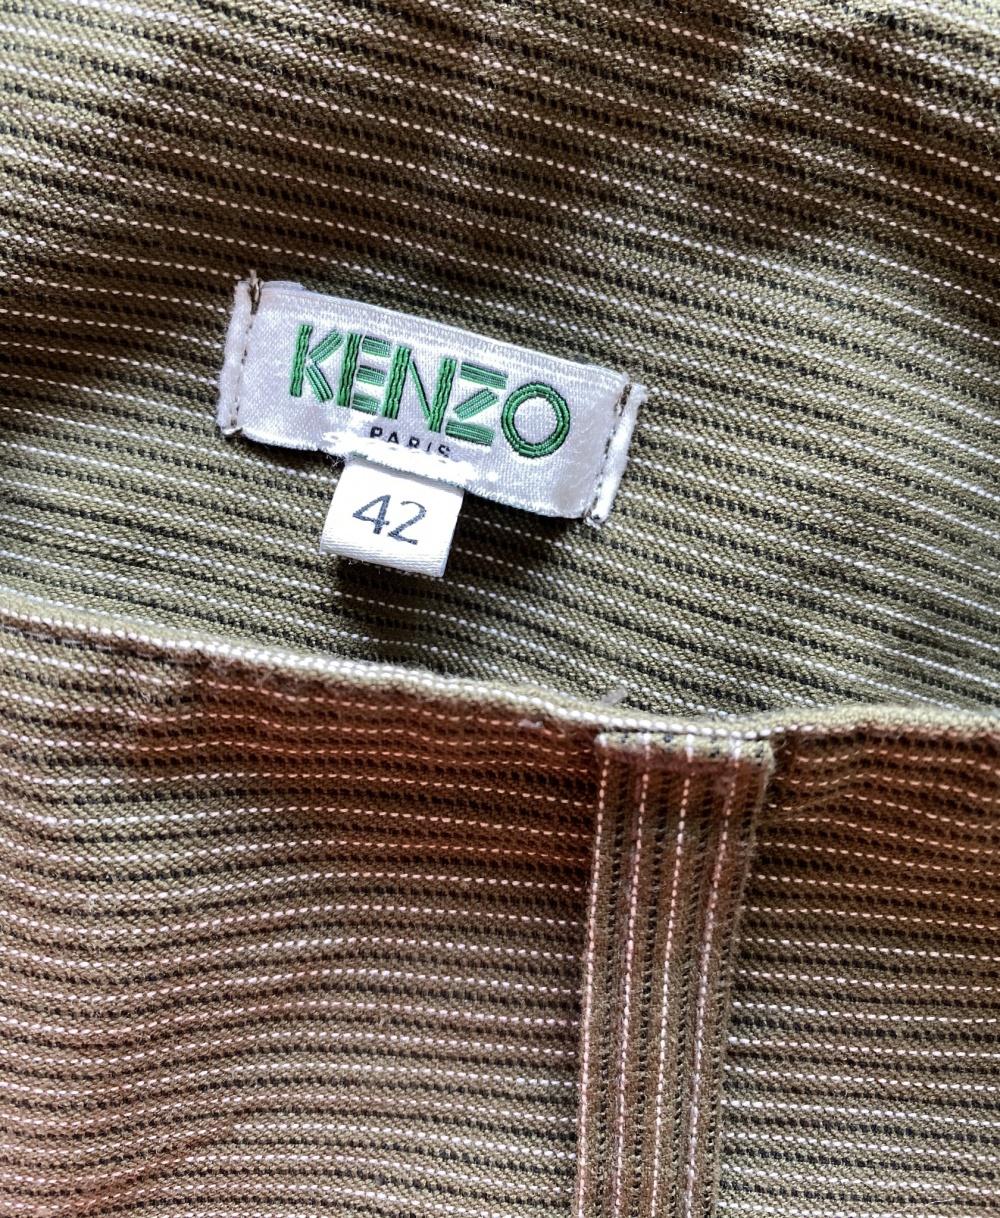 Брюки Kenzo размер 46-48